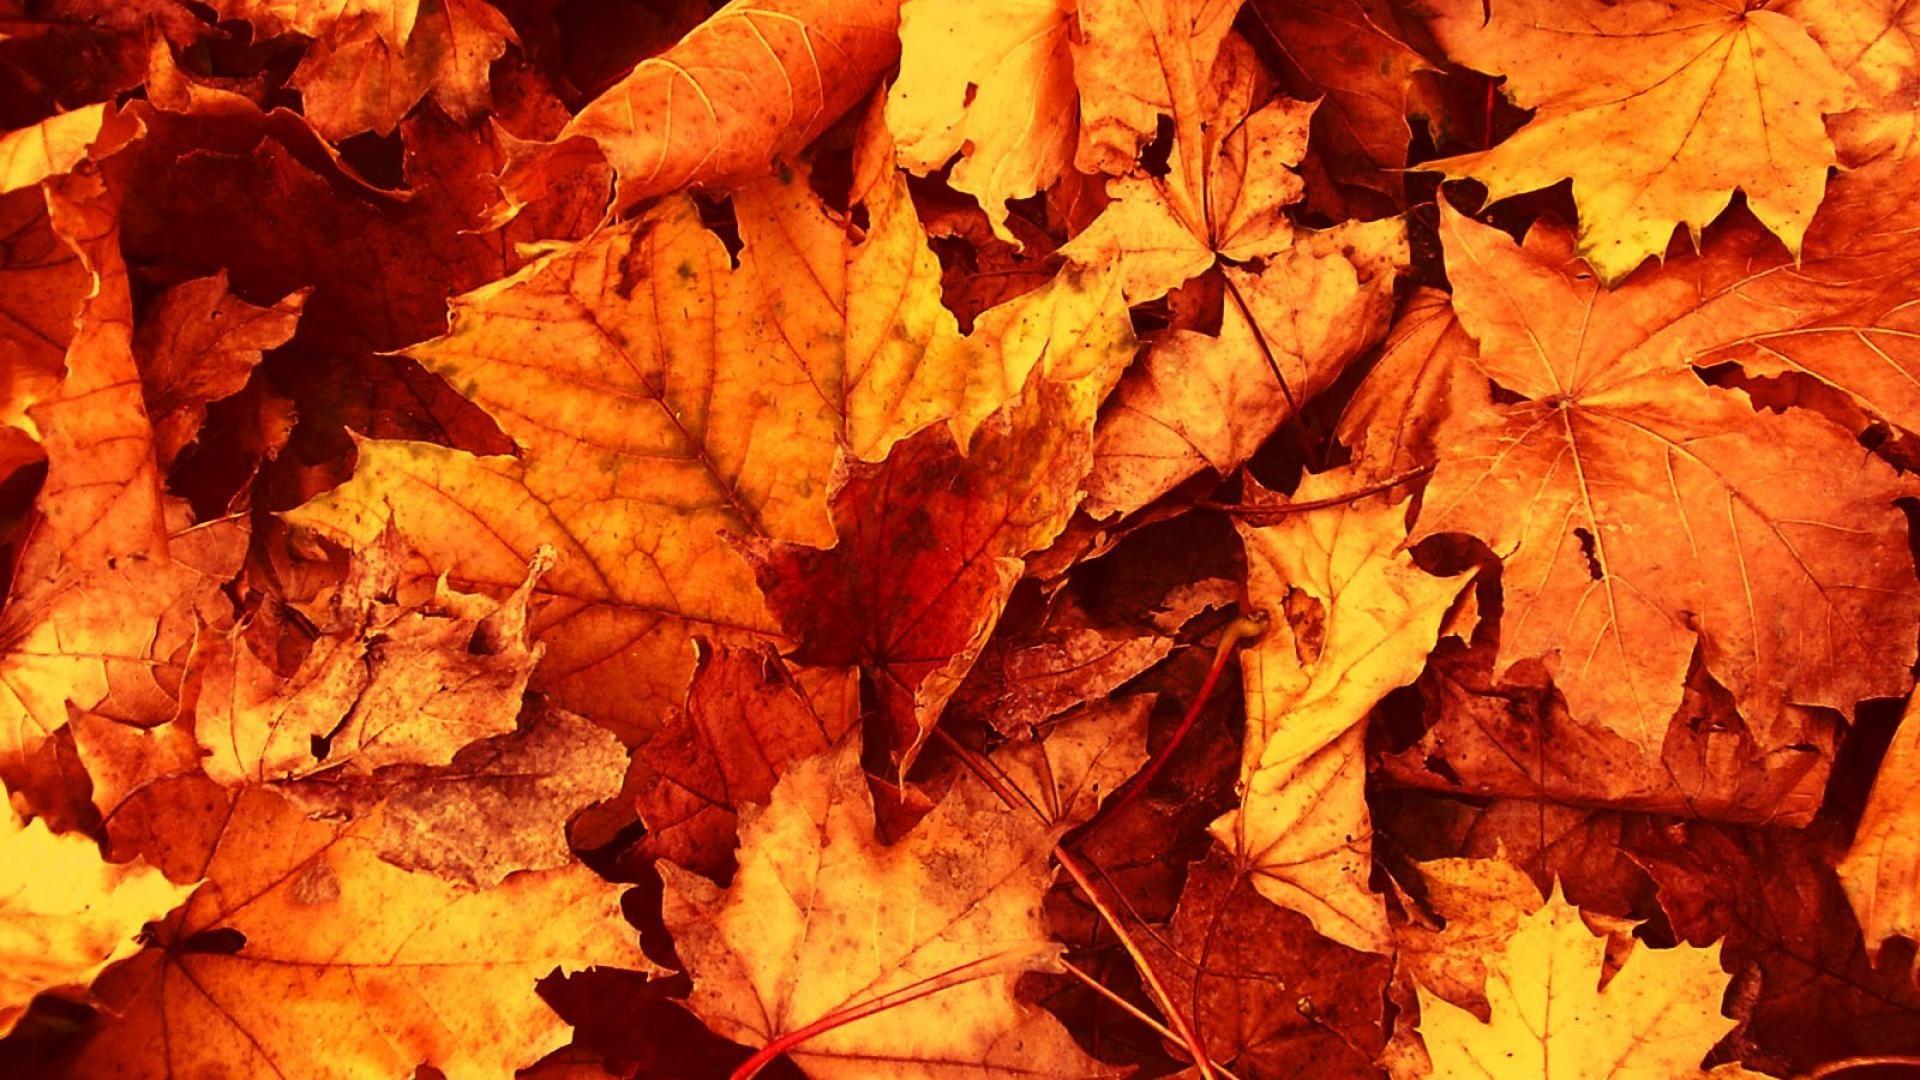 Autumn Leaves Wallpaper Widescreen